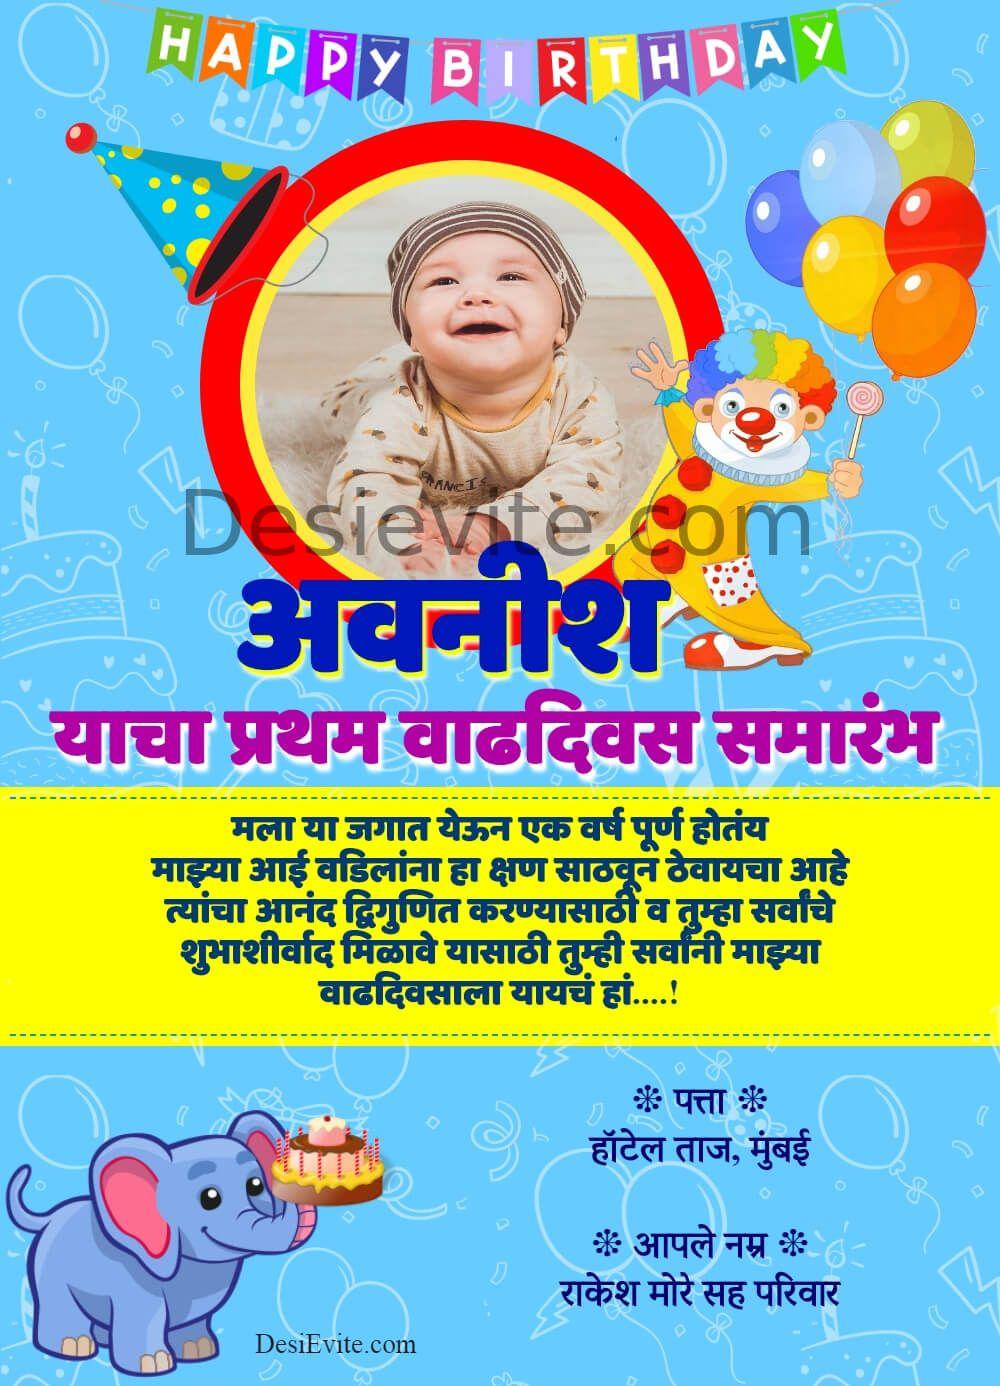 Marathi Birthday Invitation Card With Boy Photo In 2021 Happy Birthday Invitation Card Boy Birthday Invitations Create Birthday Invitations